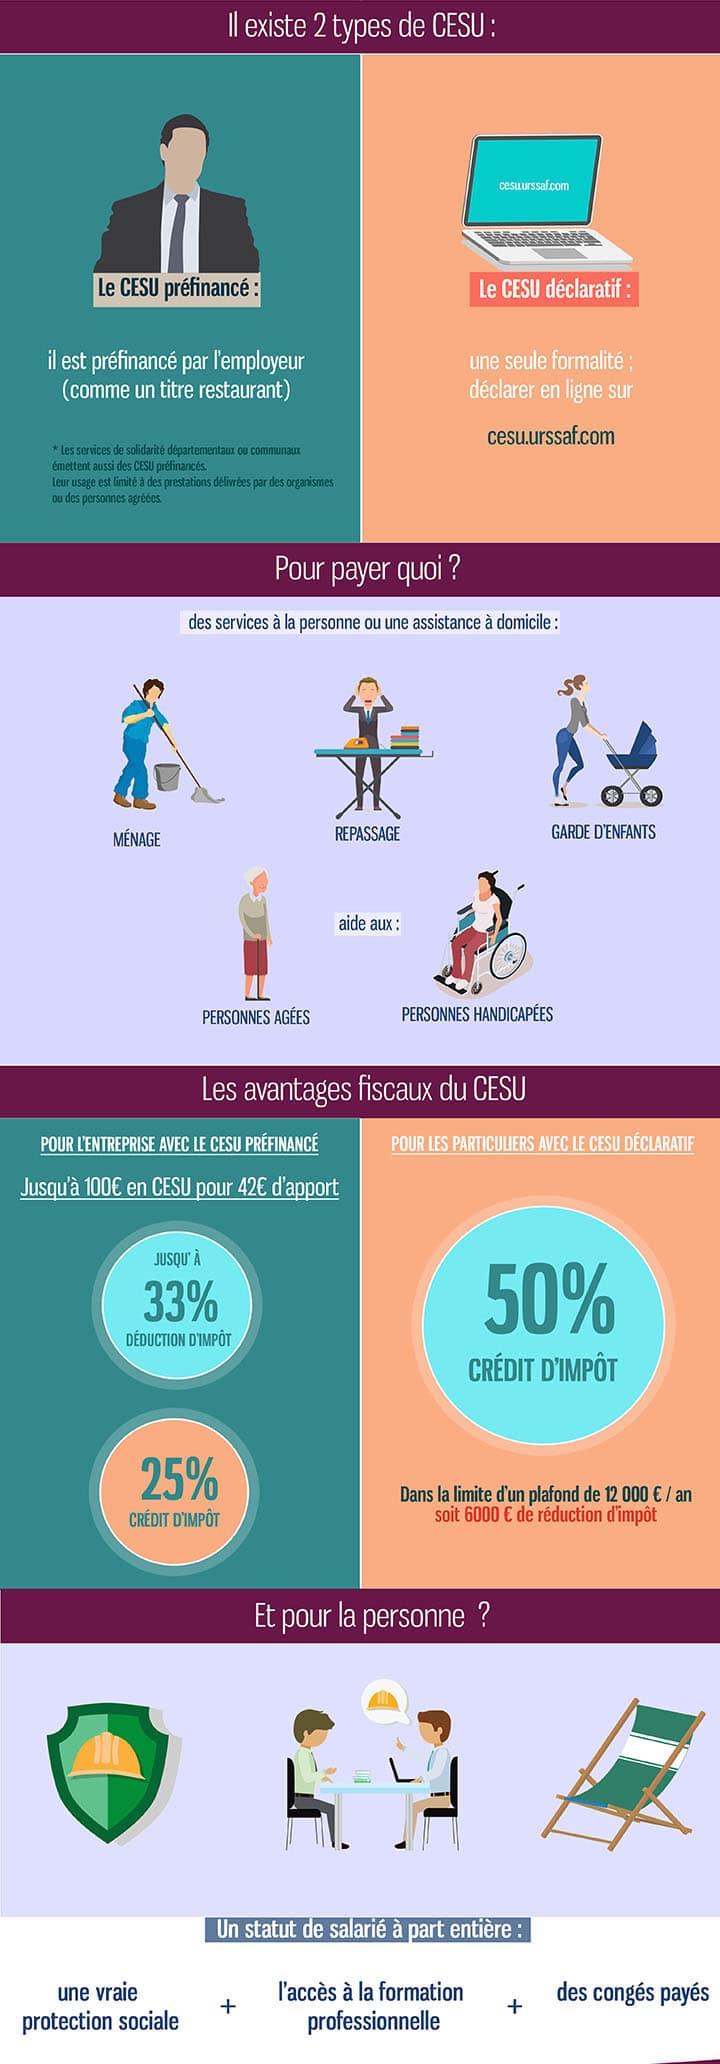 Les avantages du CESU